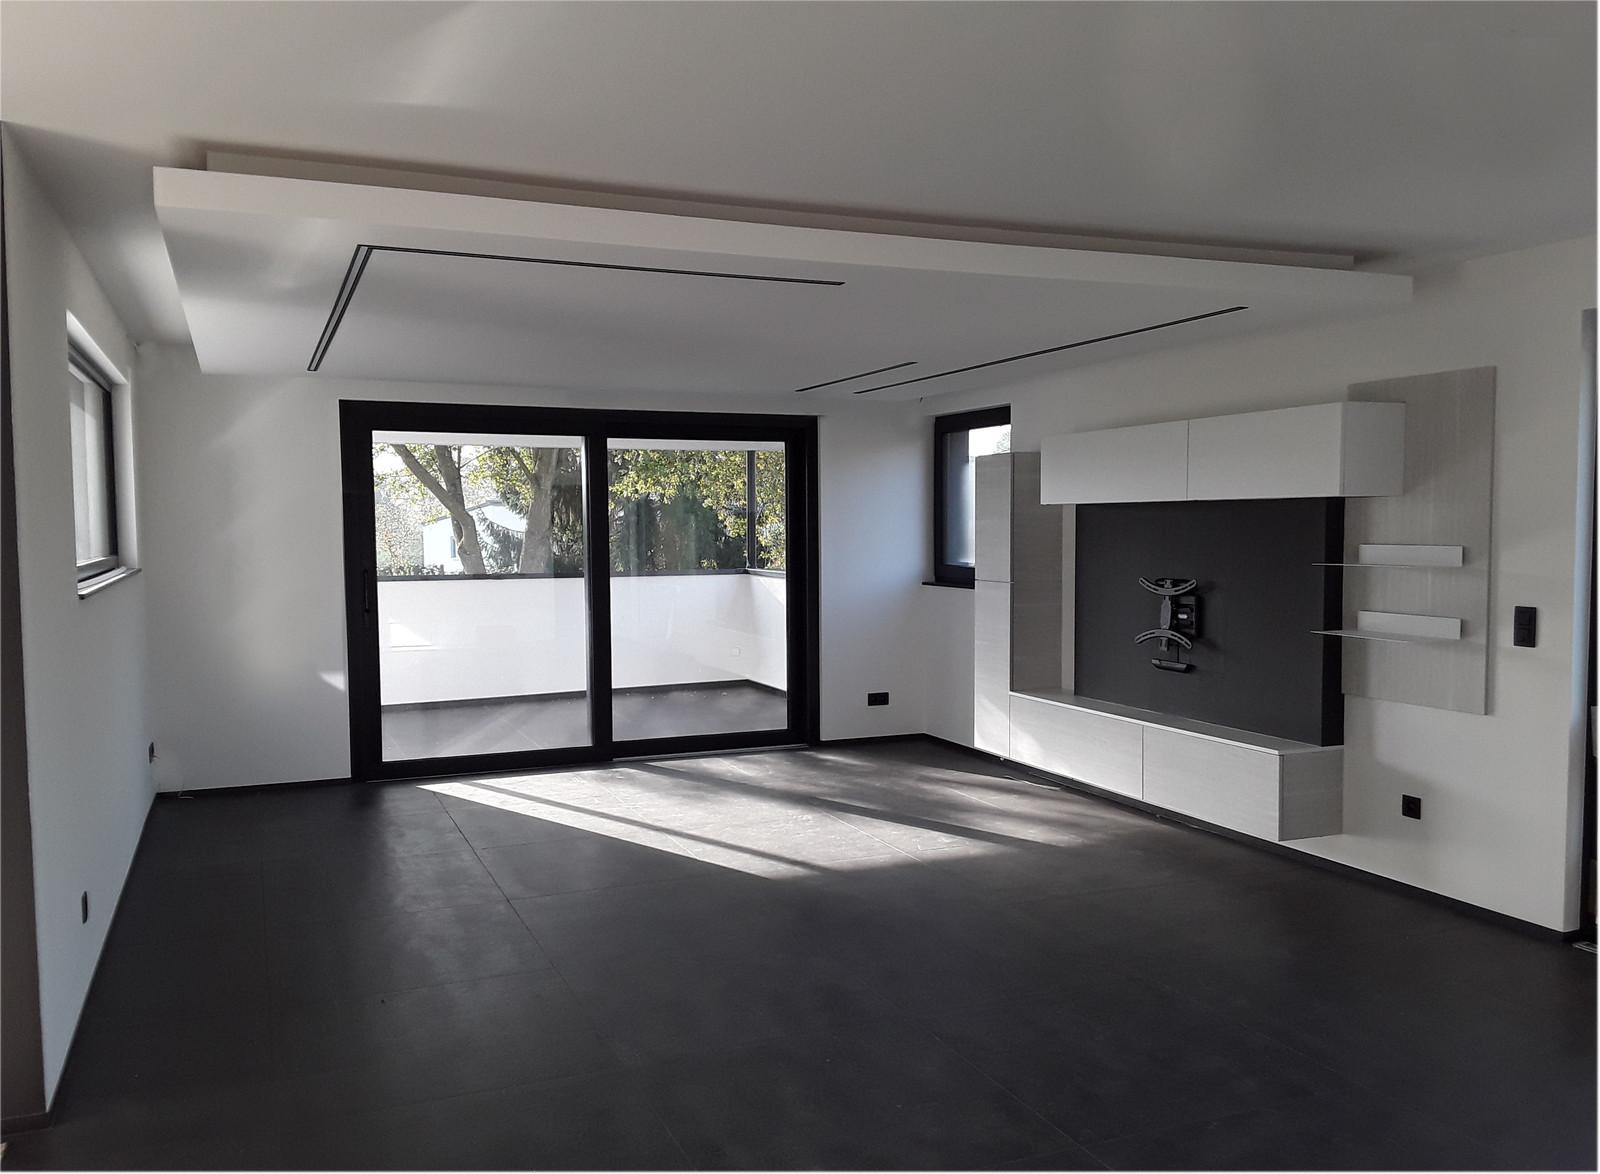 Transformation d coration int rieur d 39 une nouvelle maison for Nouvelle decoration interieur